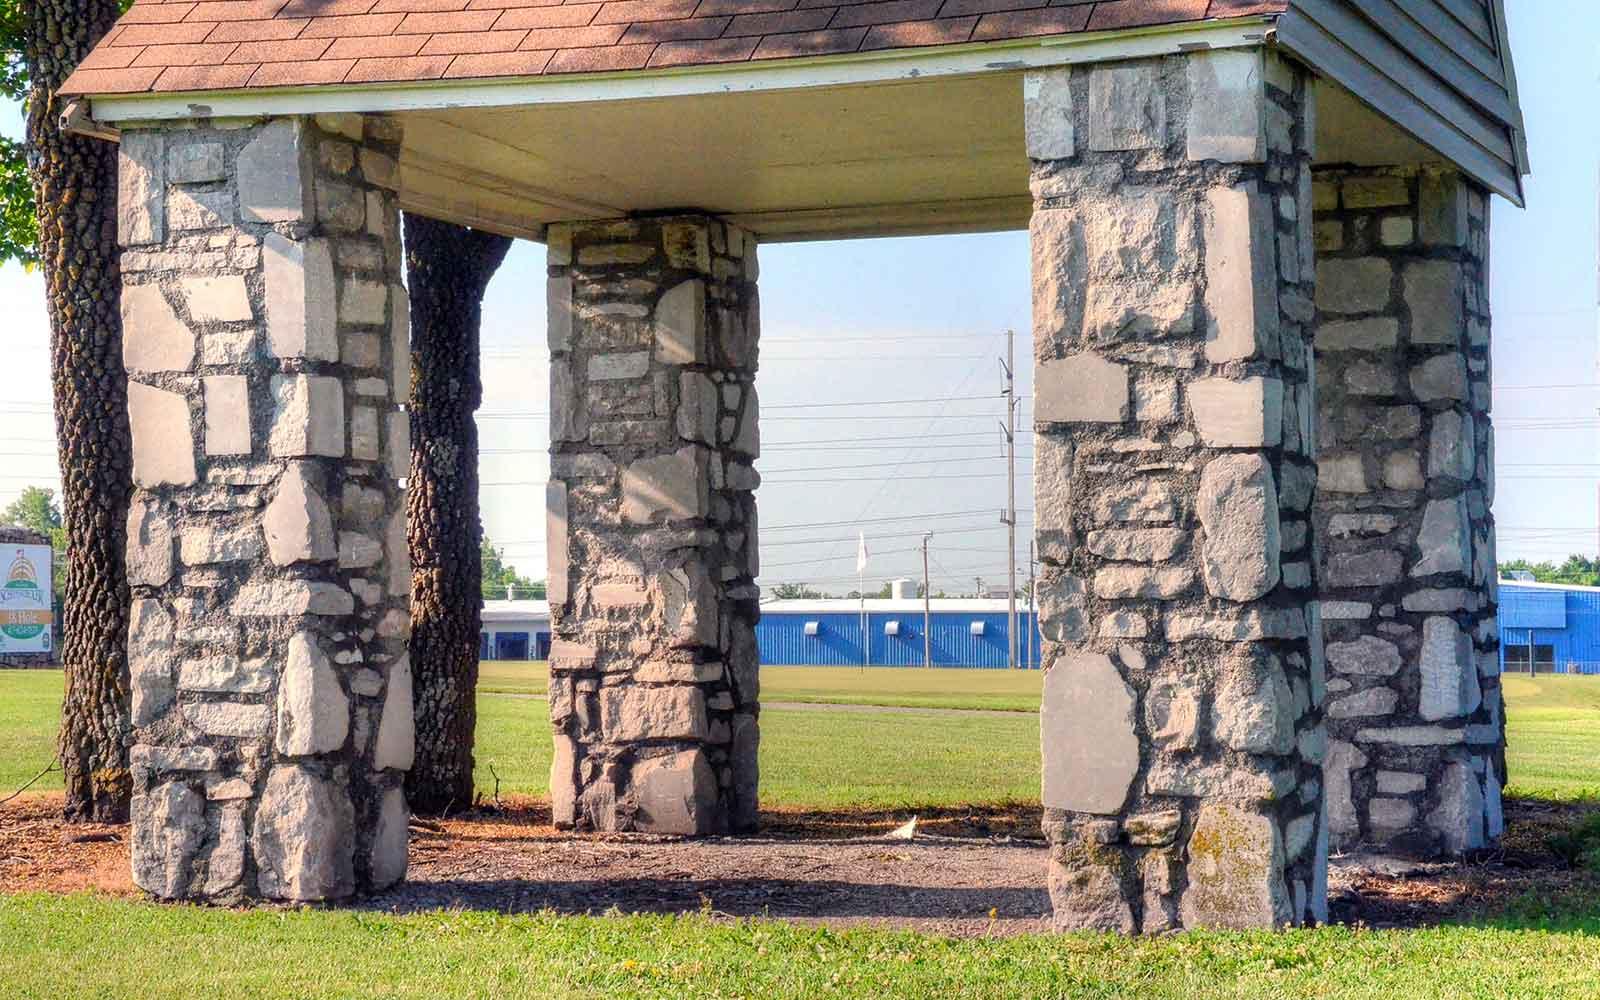 Schifferdecker-Golf-Course,-Joplin,-MO-Hut